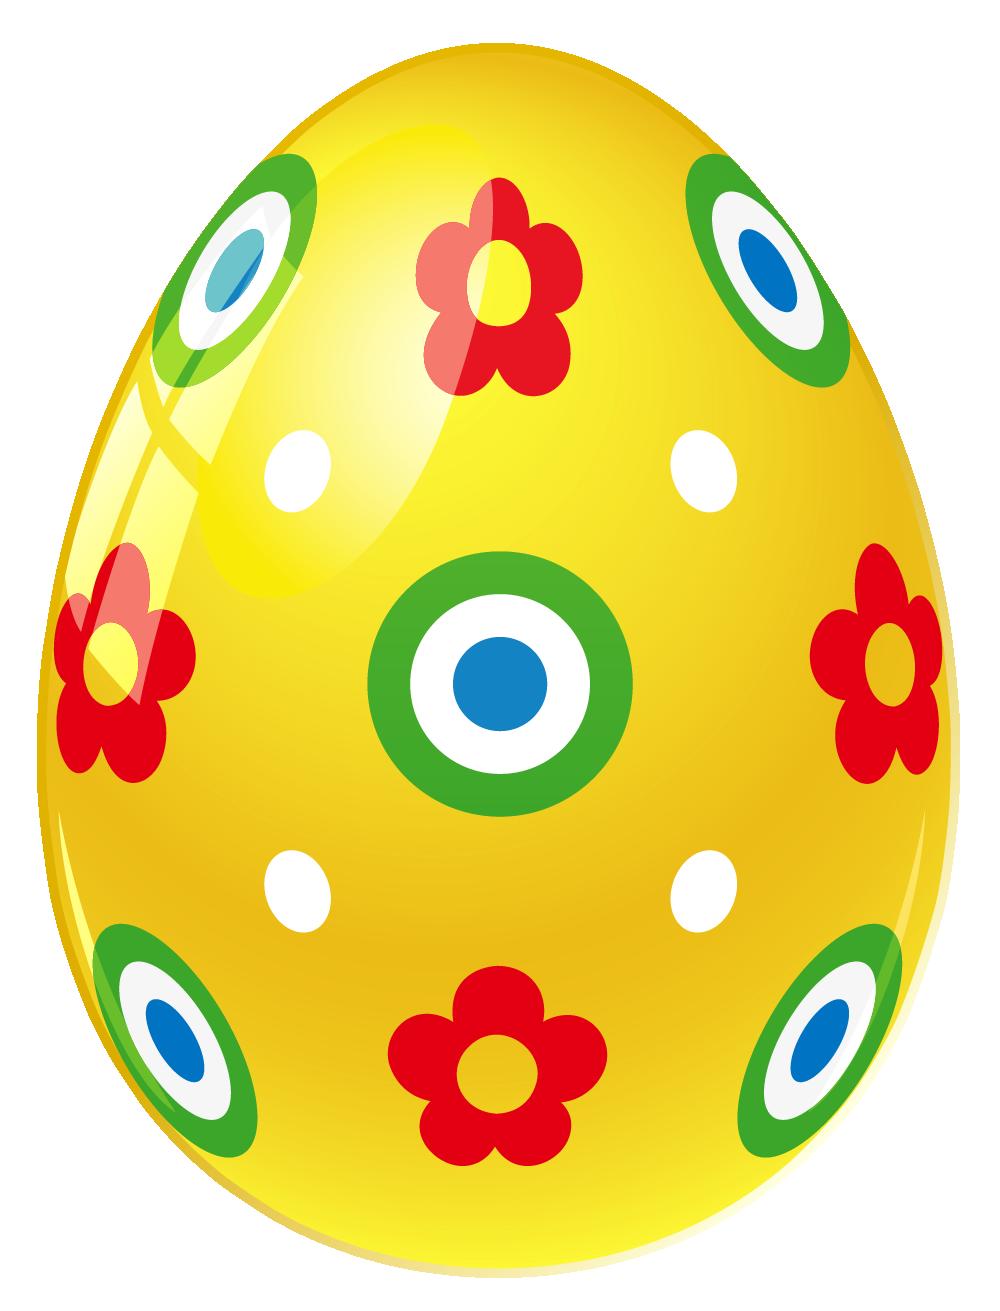 Easter Egg Images.